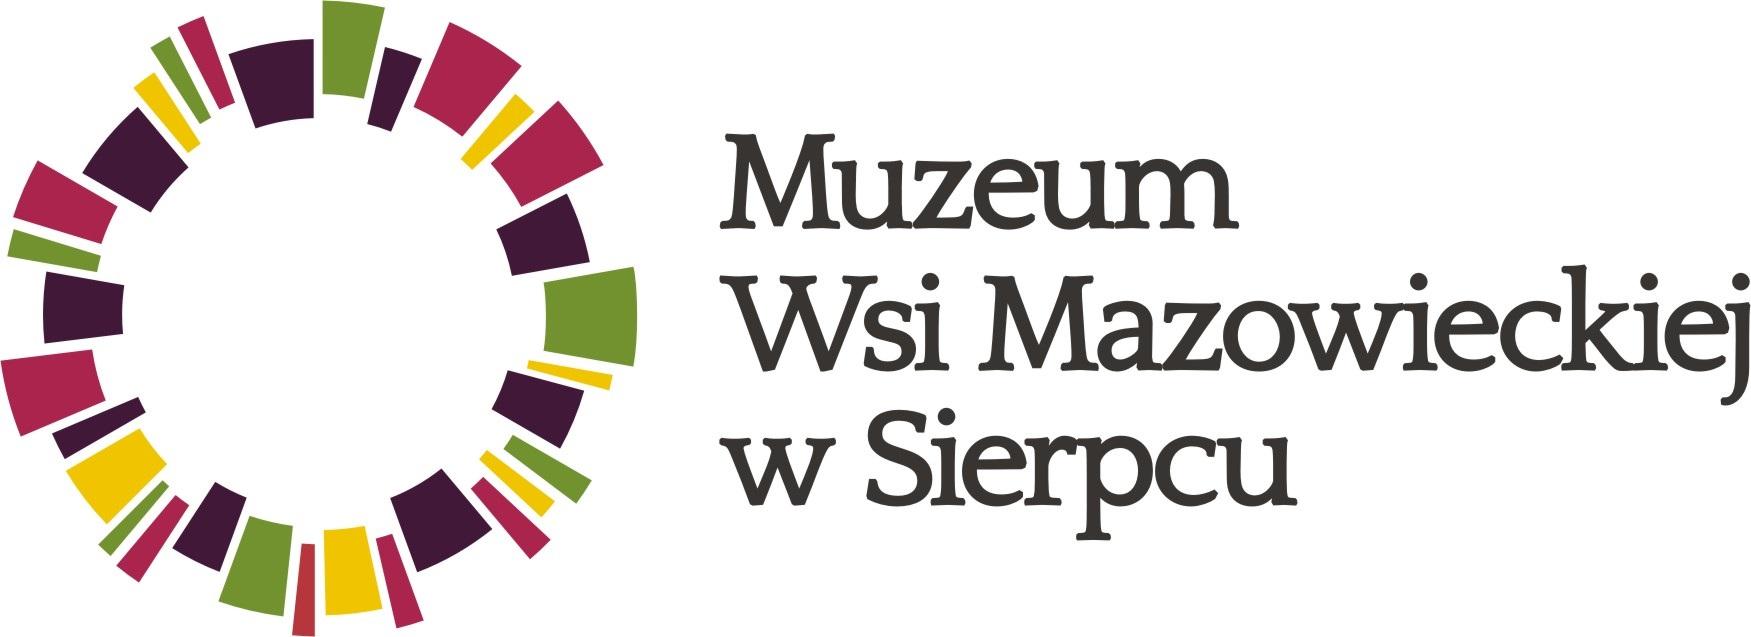 logo_sierpc--konkurs-i-powitanie-wiosny